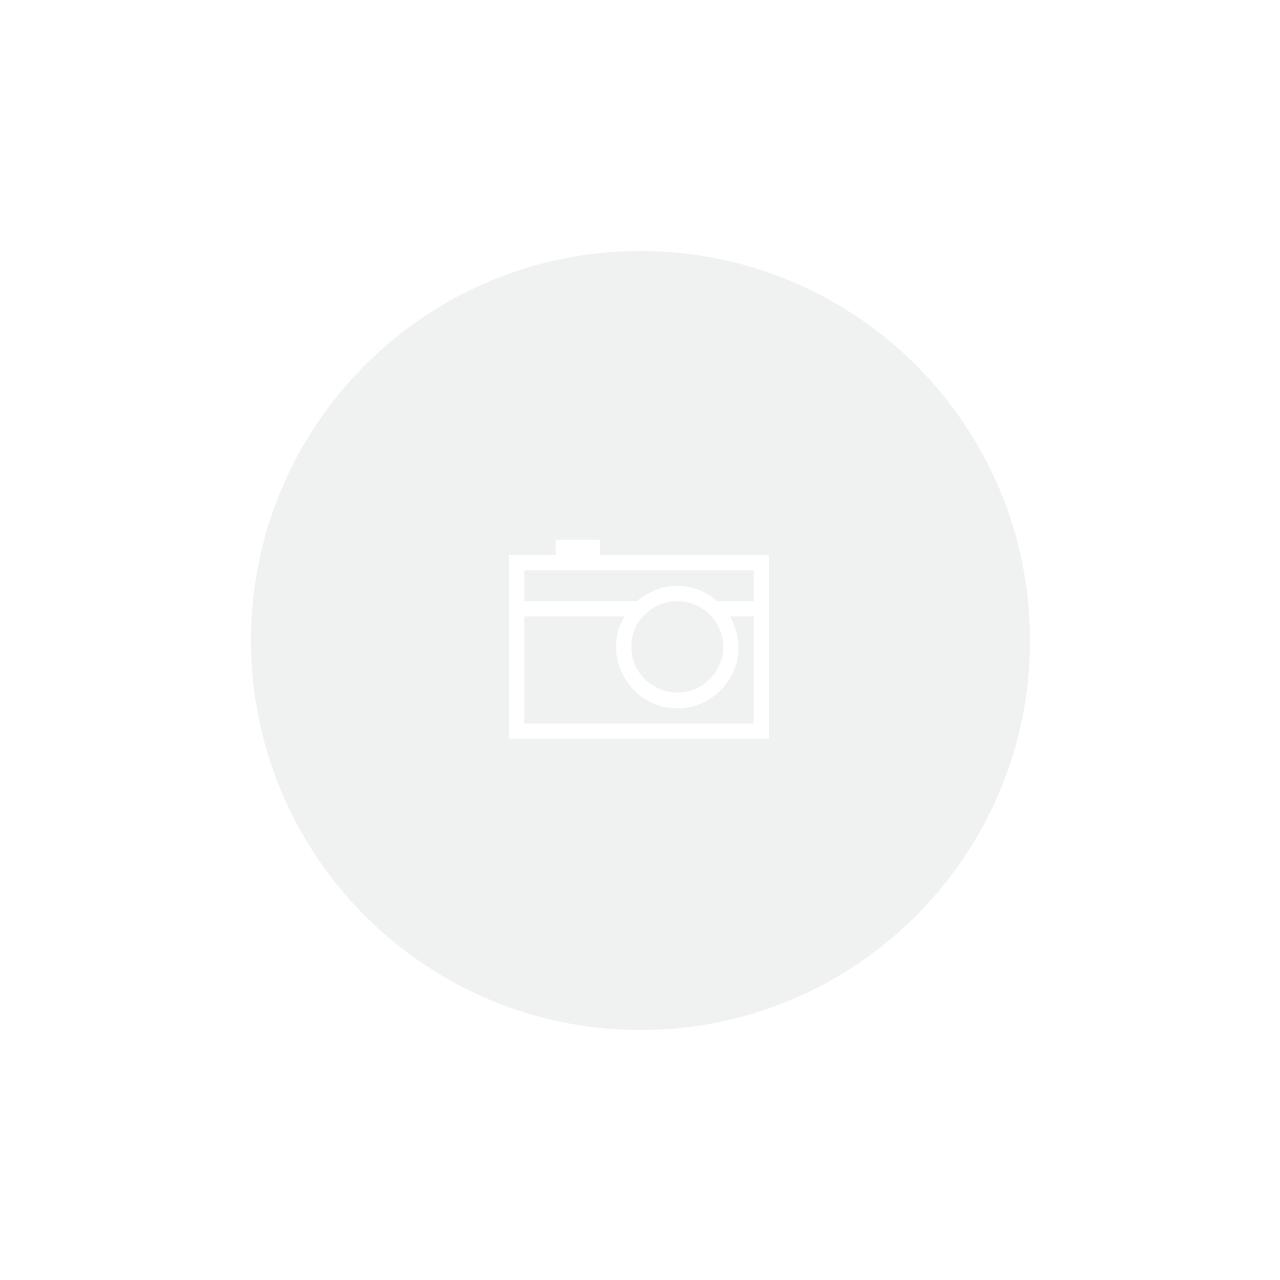 Toalha Banho Crystal c/ Aplicação 100% algodão 70x140cm Branca Buddemeyer